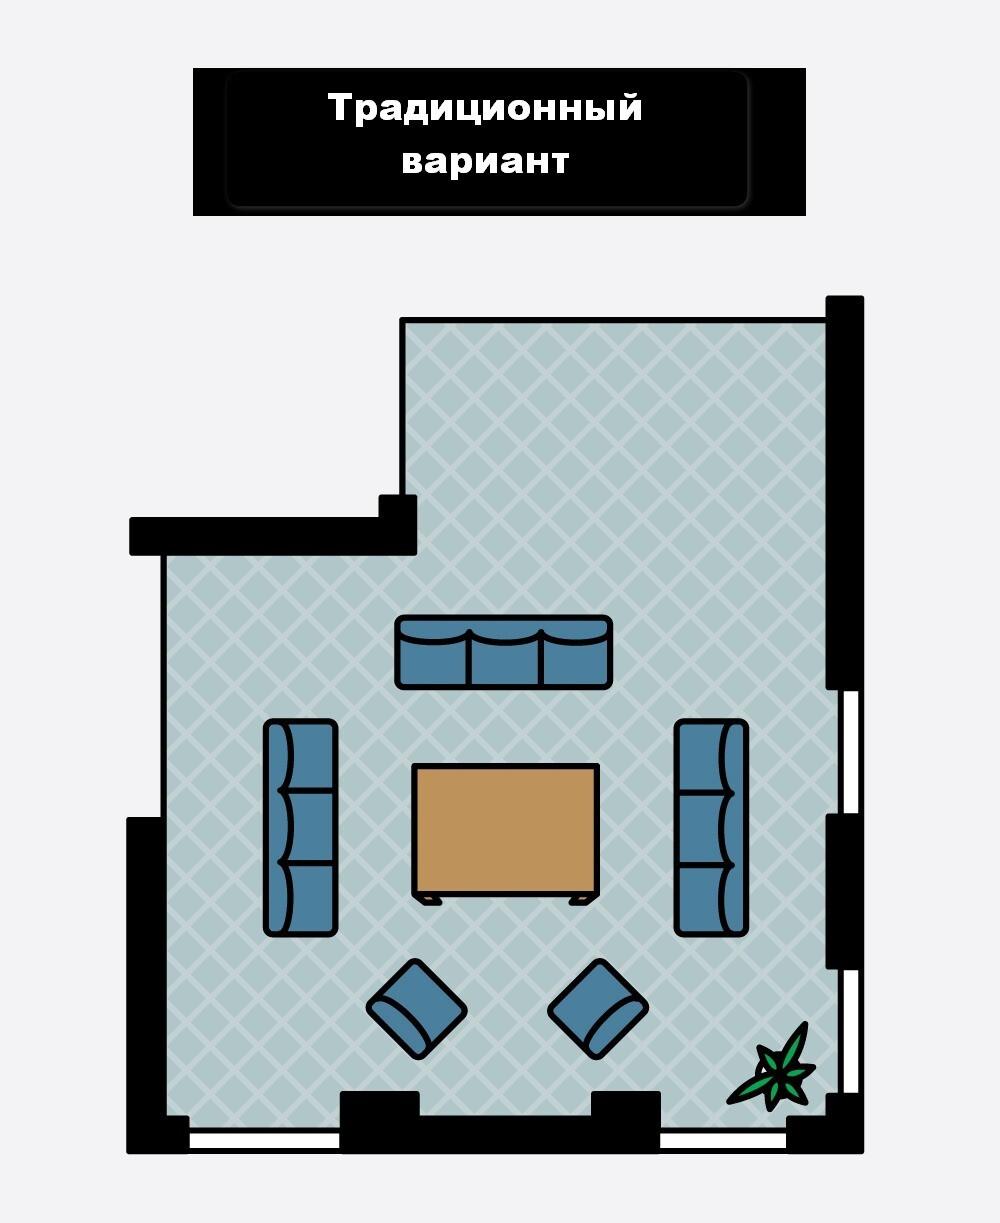 1466713885576c471d02457 Как расположить мебель в гостиной Фото